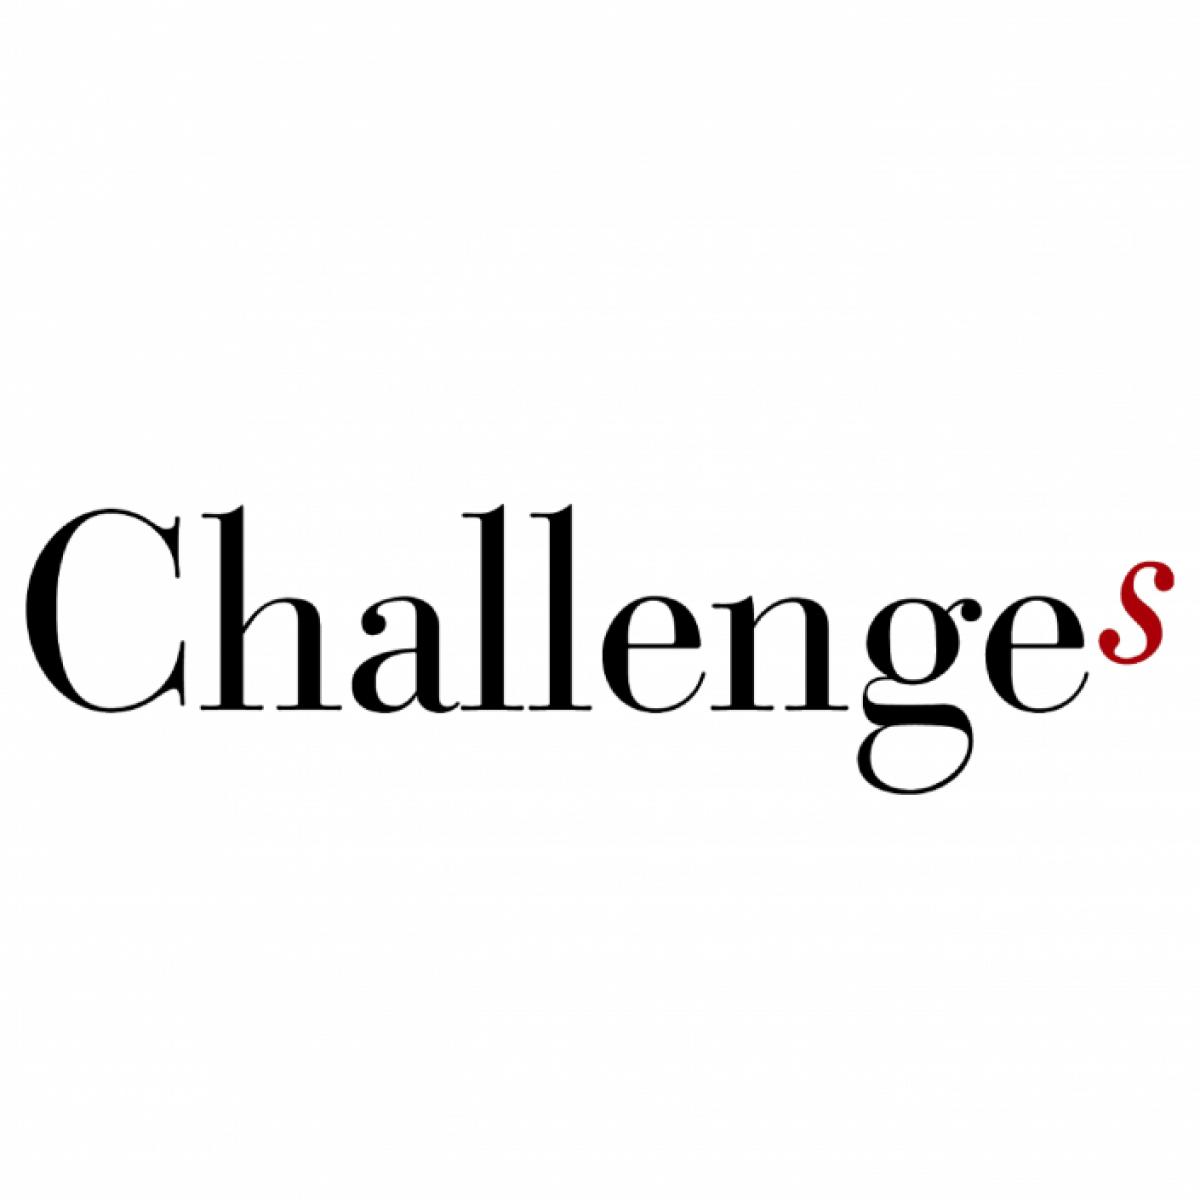 logo-challenges - Willa